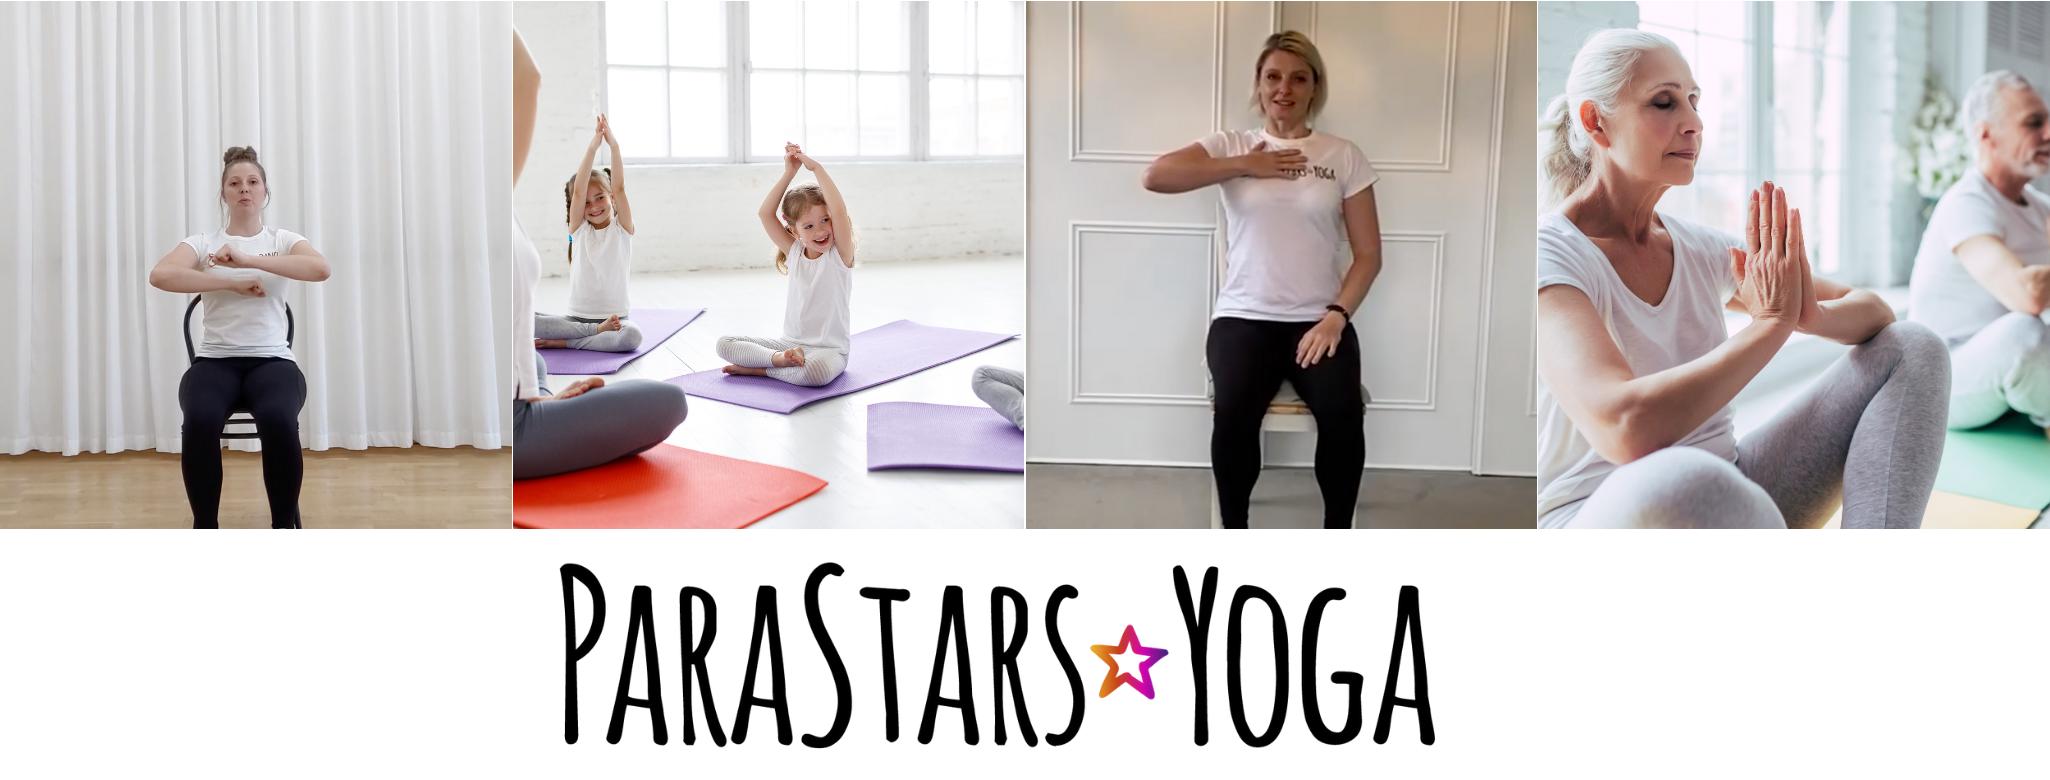 ParaStars Yoga